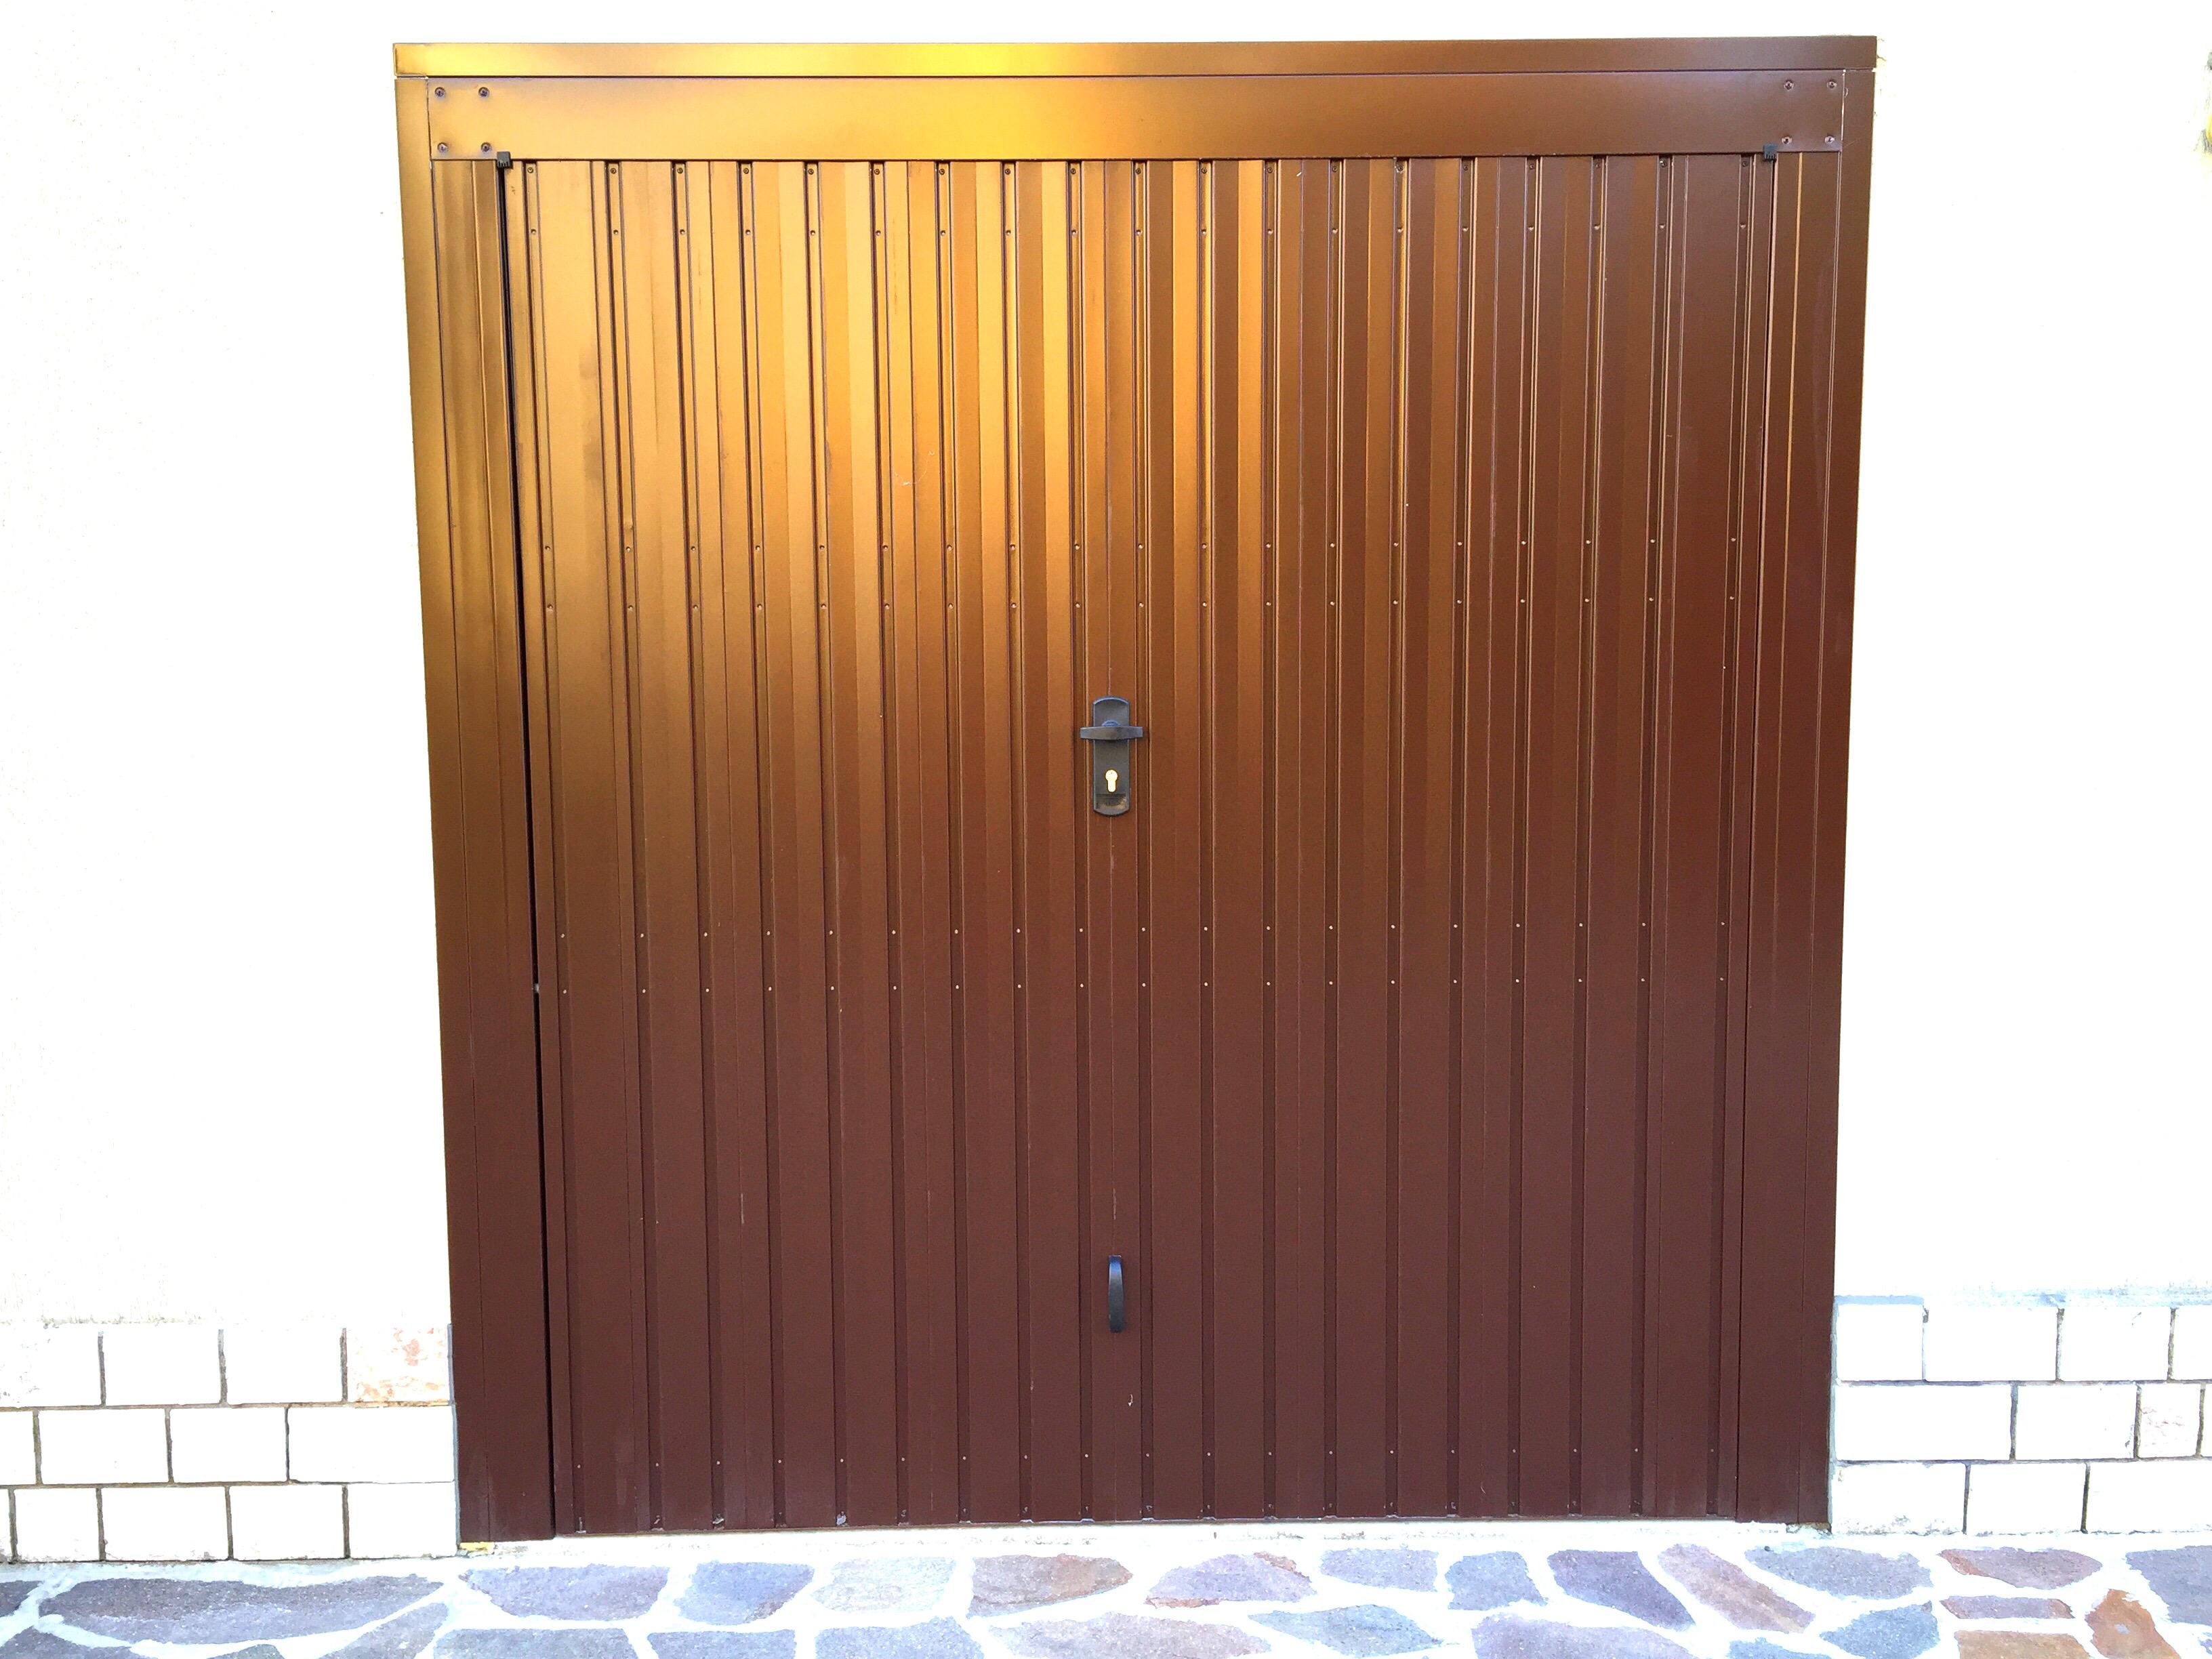 Sostituzione senza opere murarie di porta basculante da garage in acciaio zincato  e verniciato  , abitazione a Castelverde (CR).